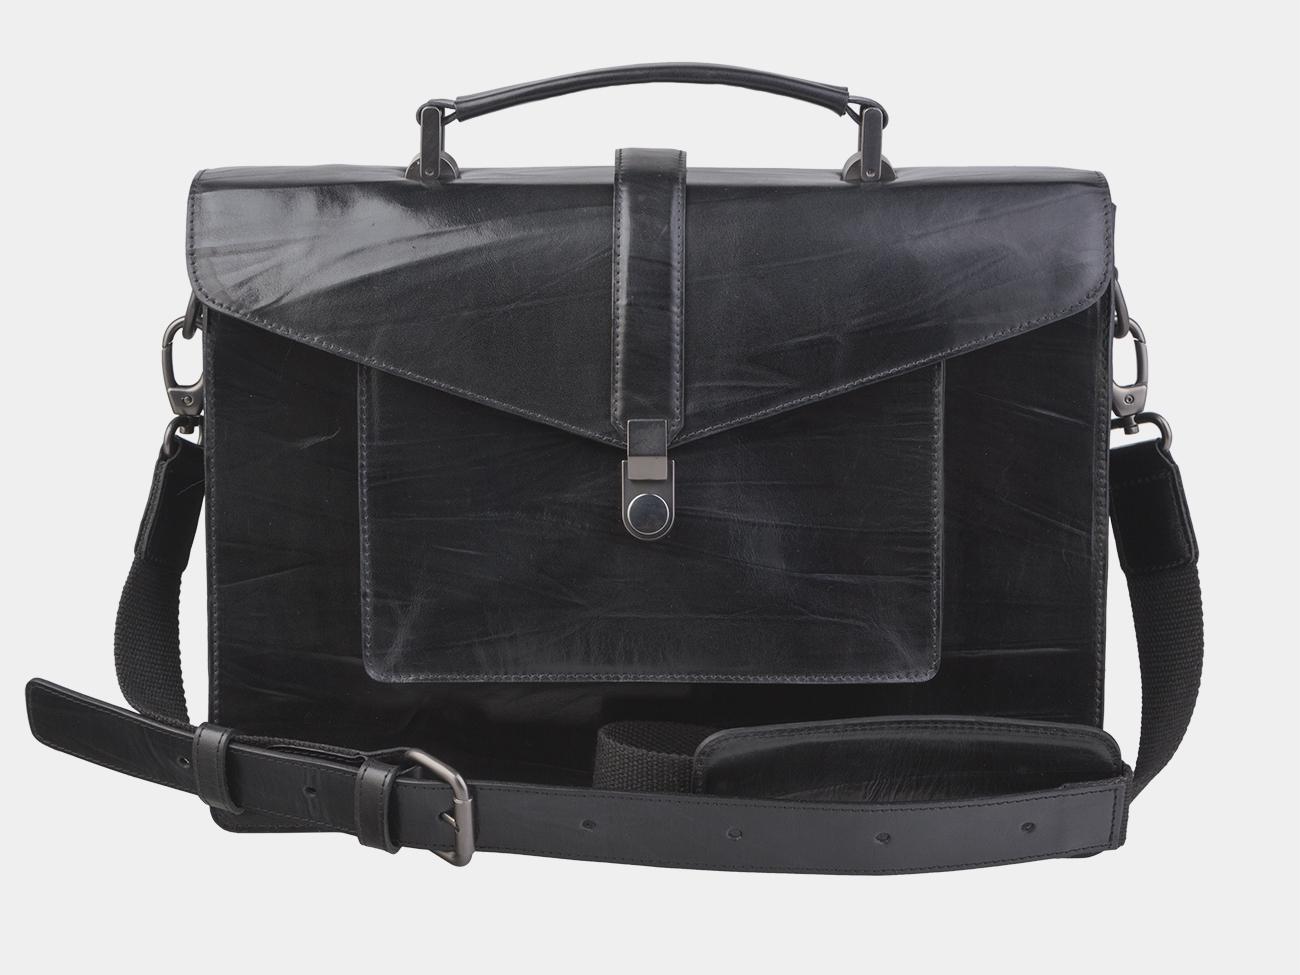 dc249e1b2270 Недорого купить черную кожаную женскую сумку из натуральной кожи ...